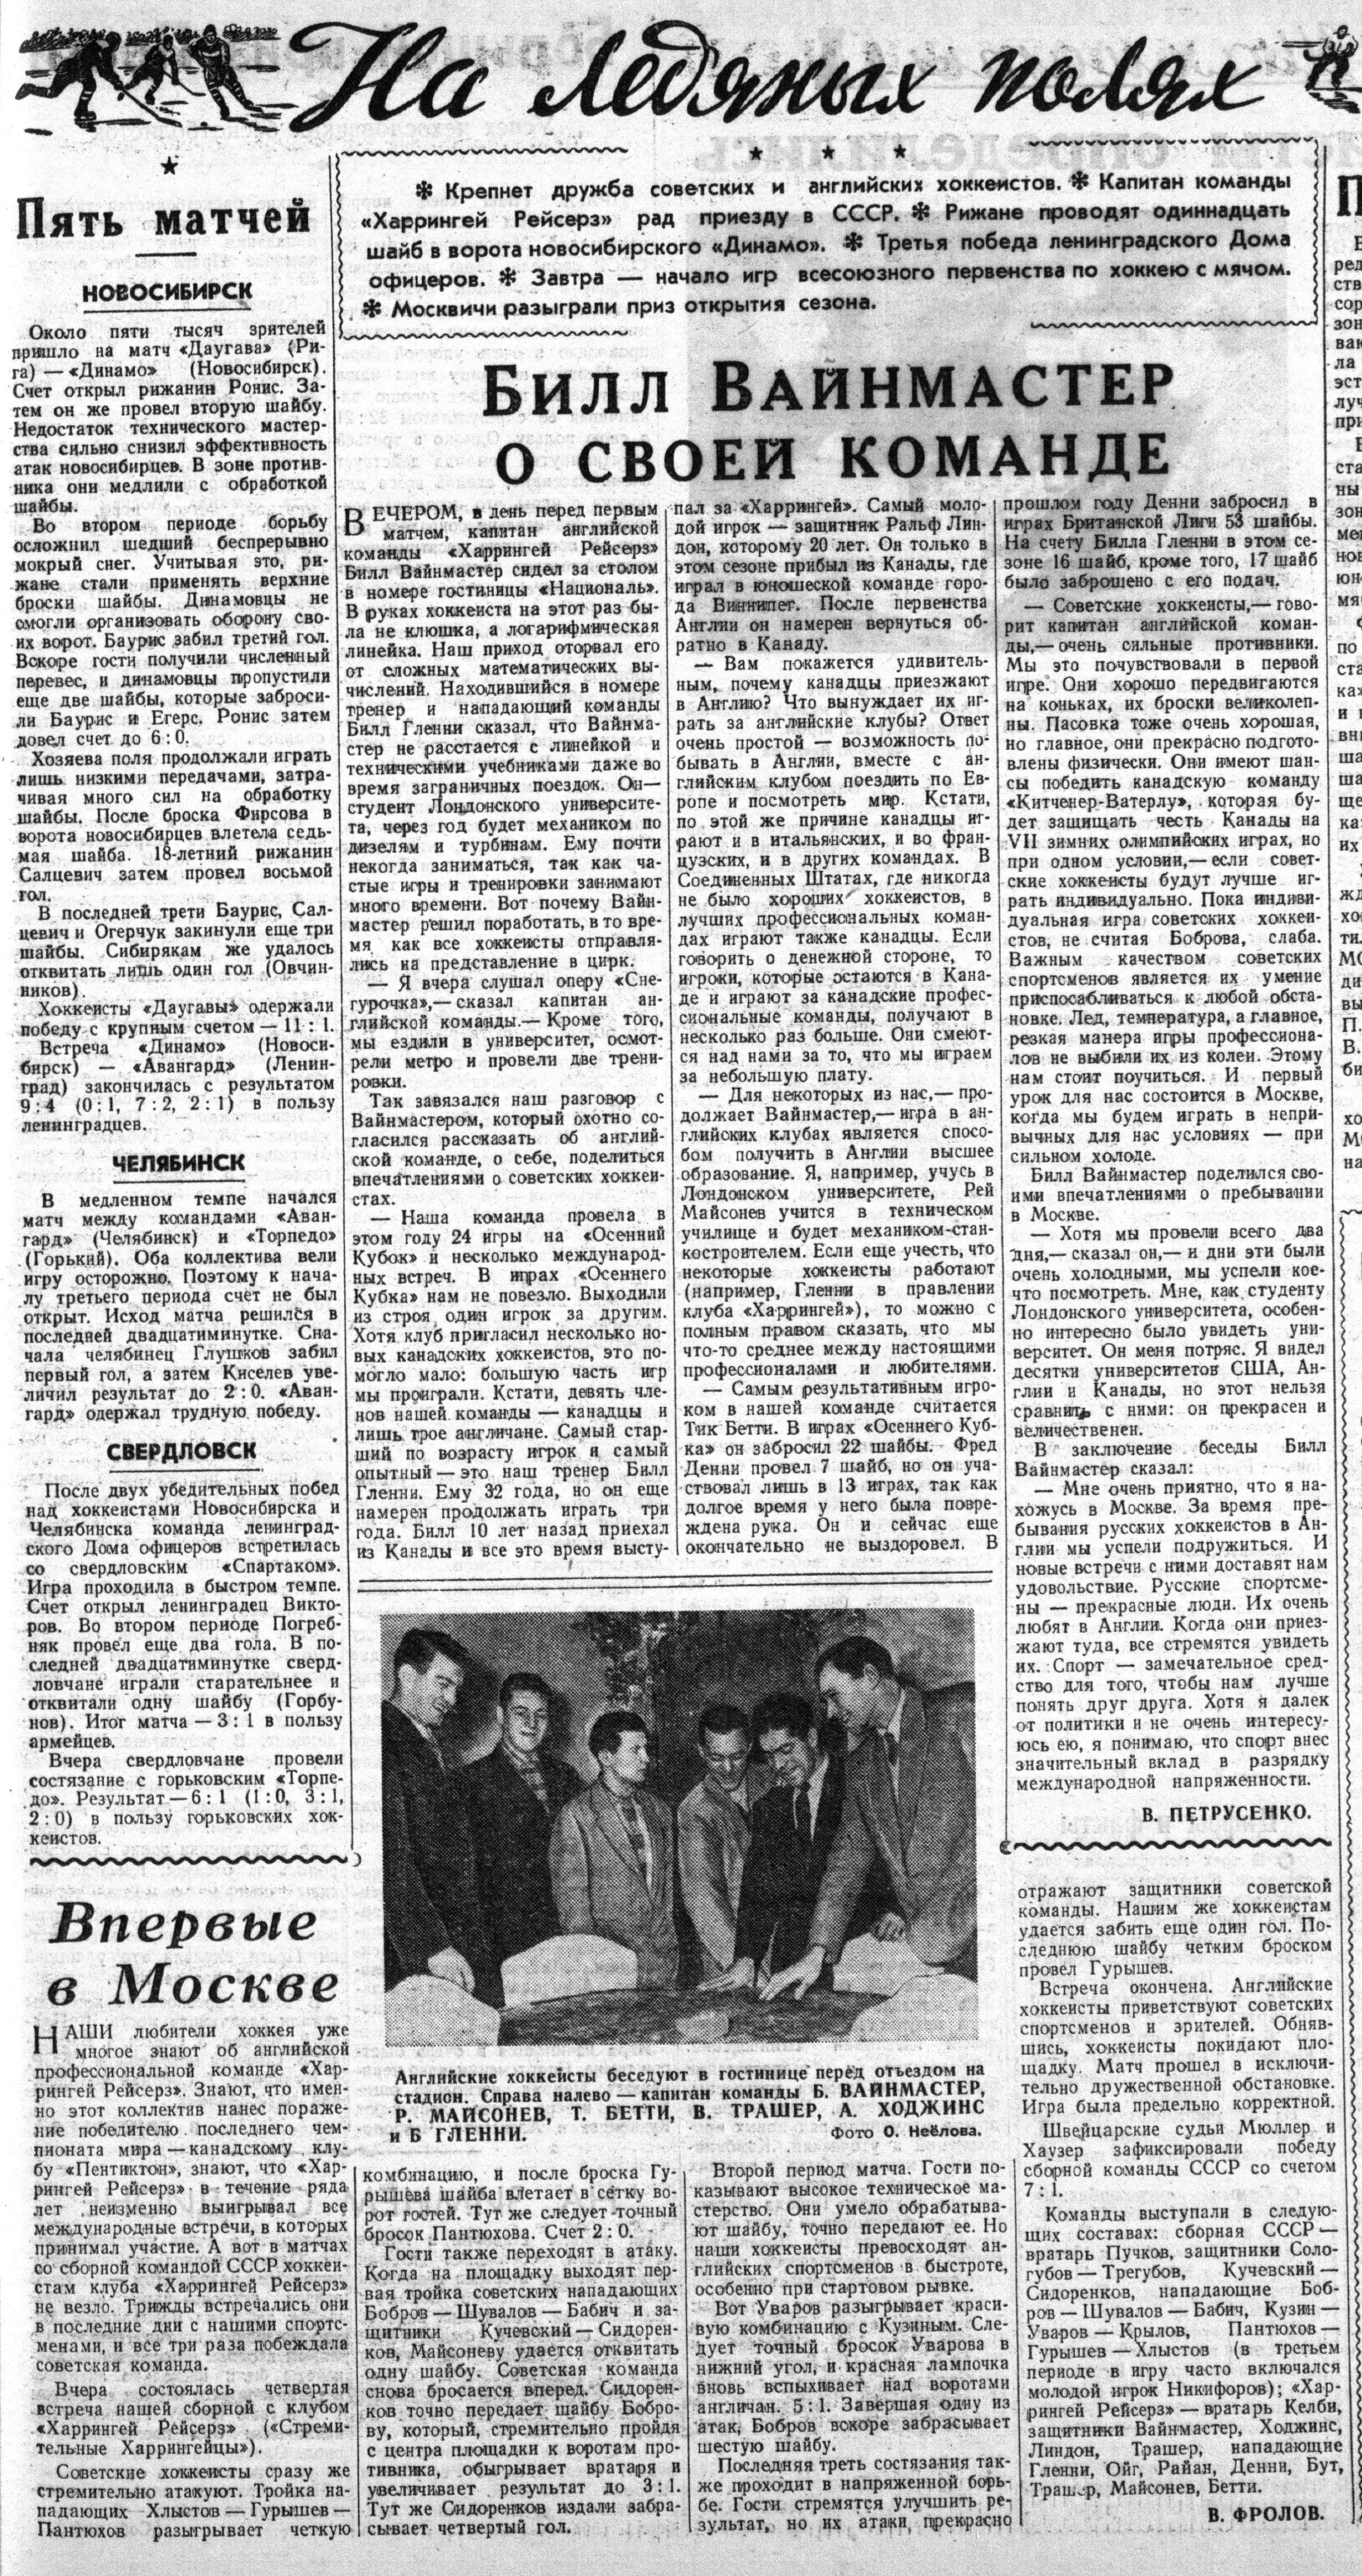 Sov_sport_1955_12_13_N149_s5.JPG